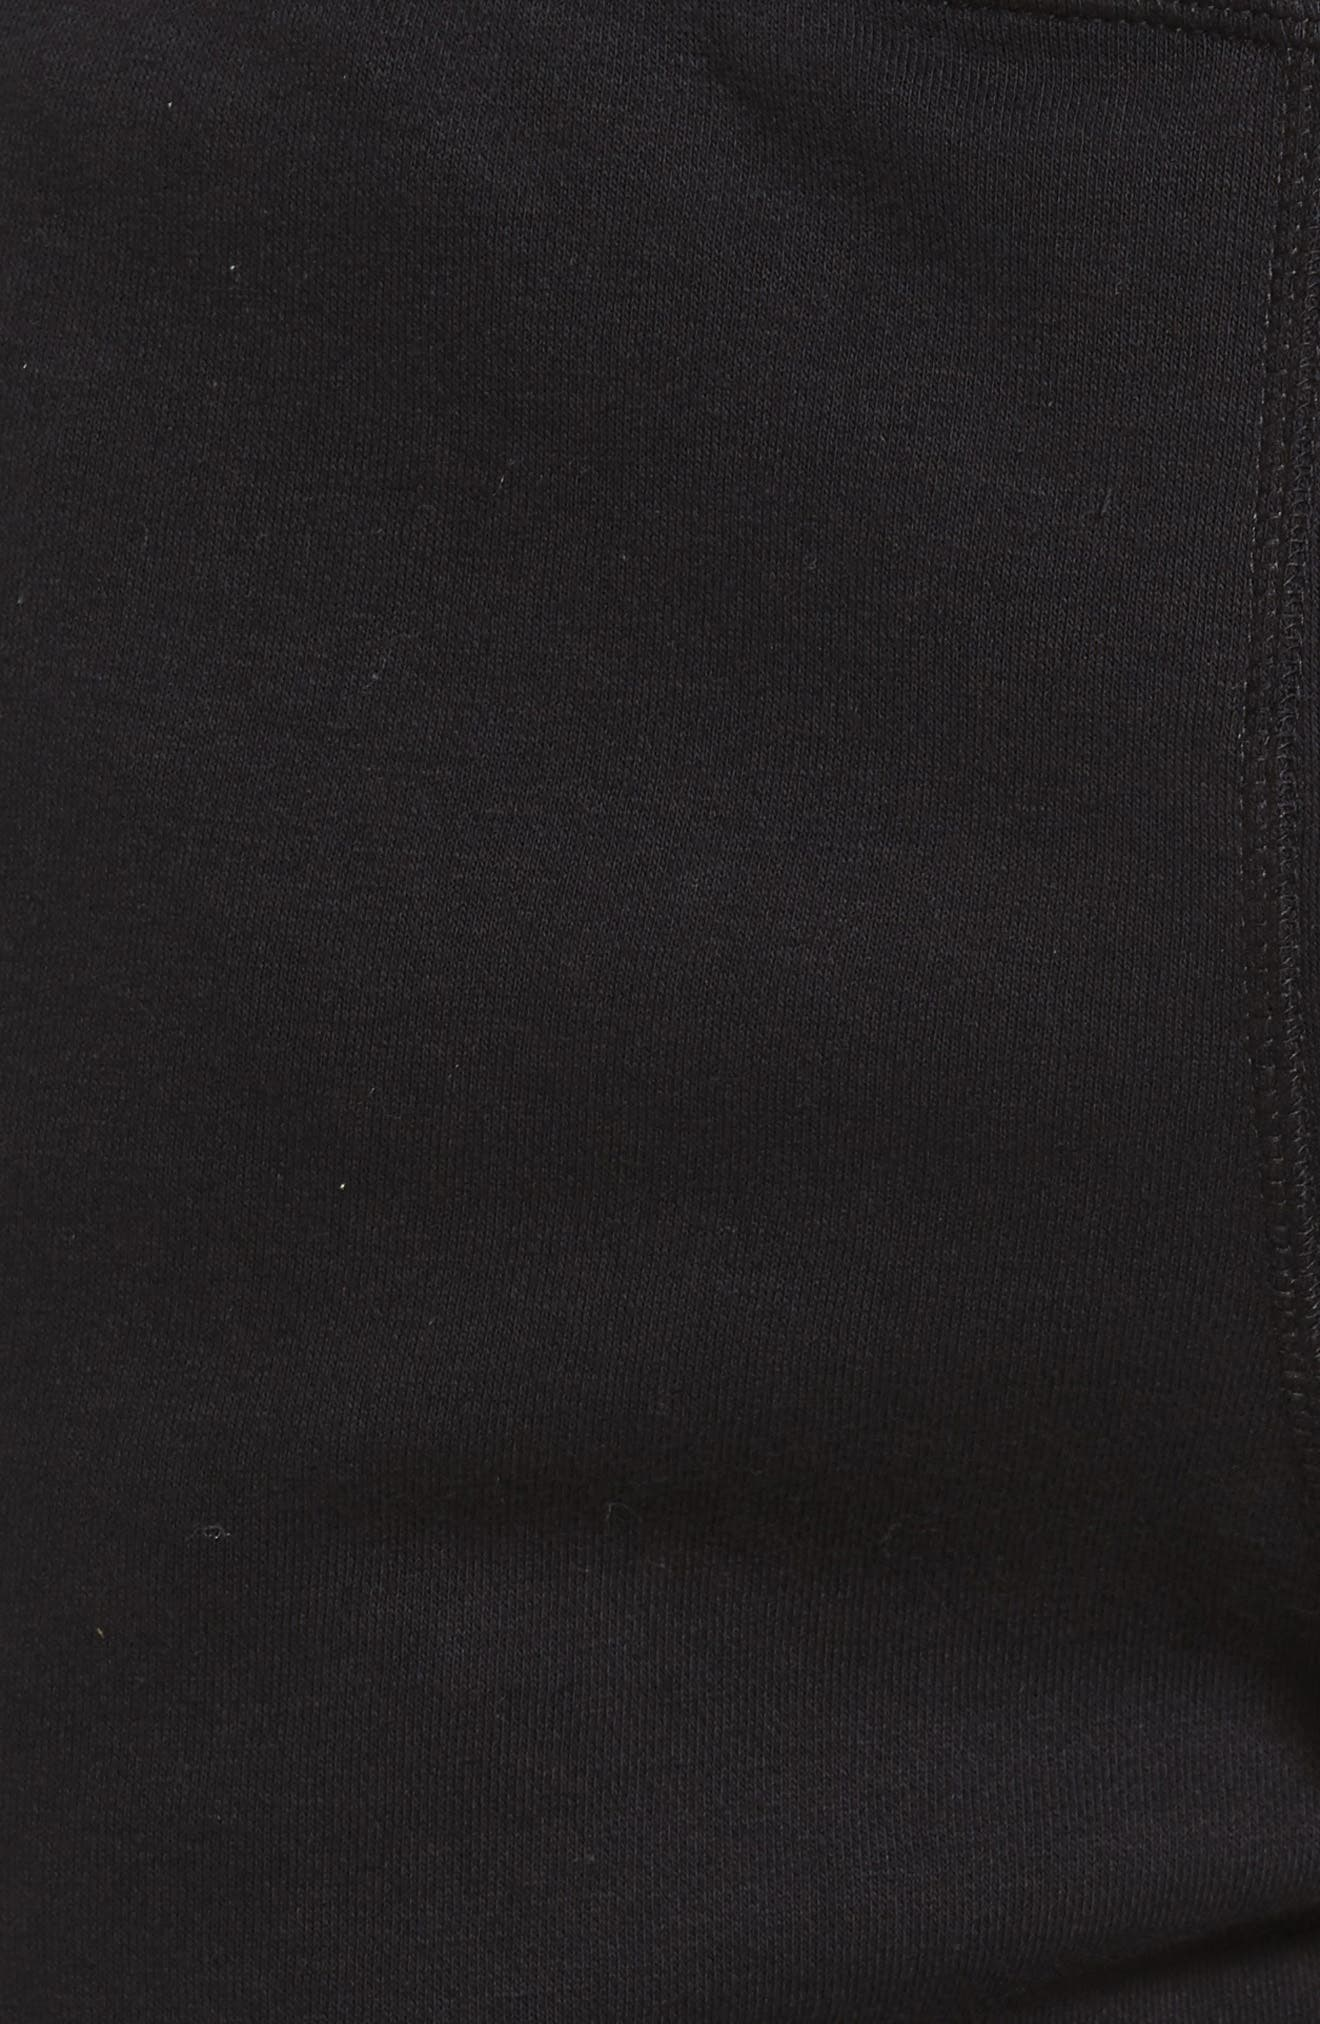 Classic Franchise Sweatpants,                             Alternate thumbnail 5, color,                             005